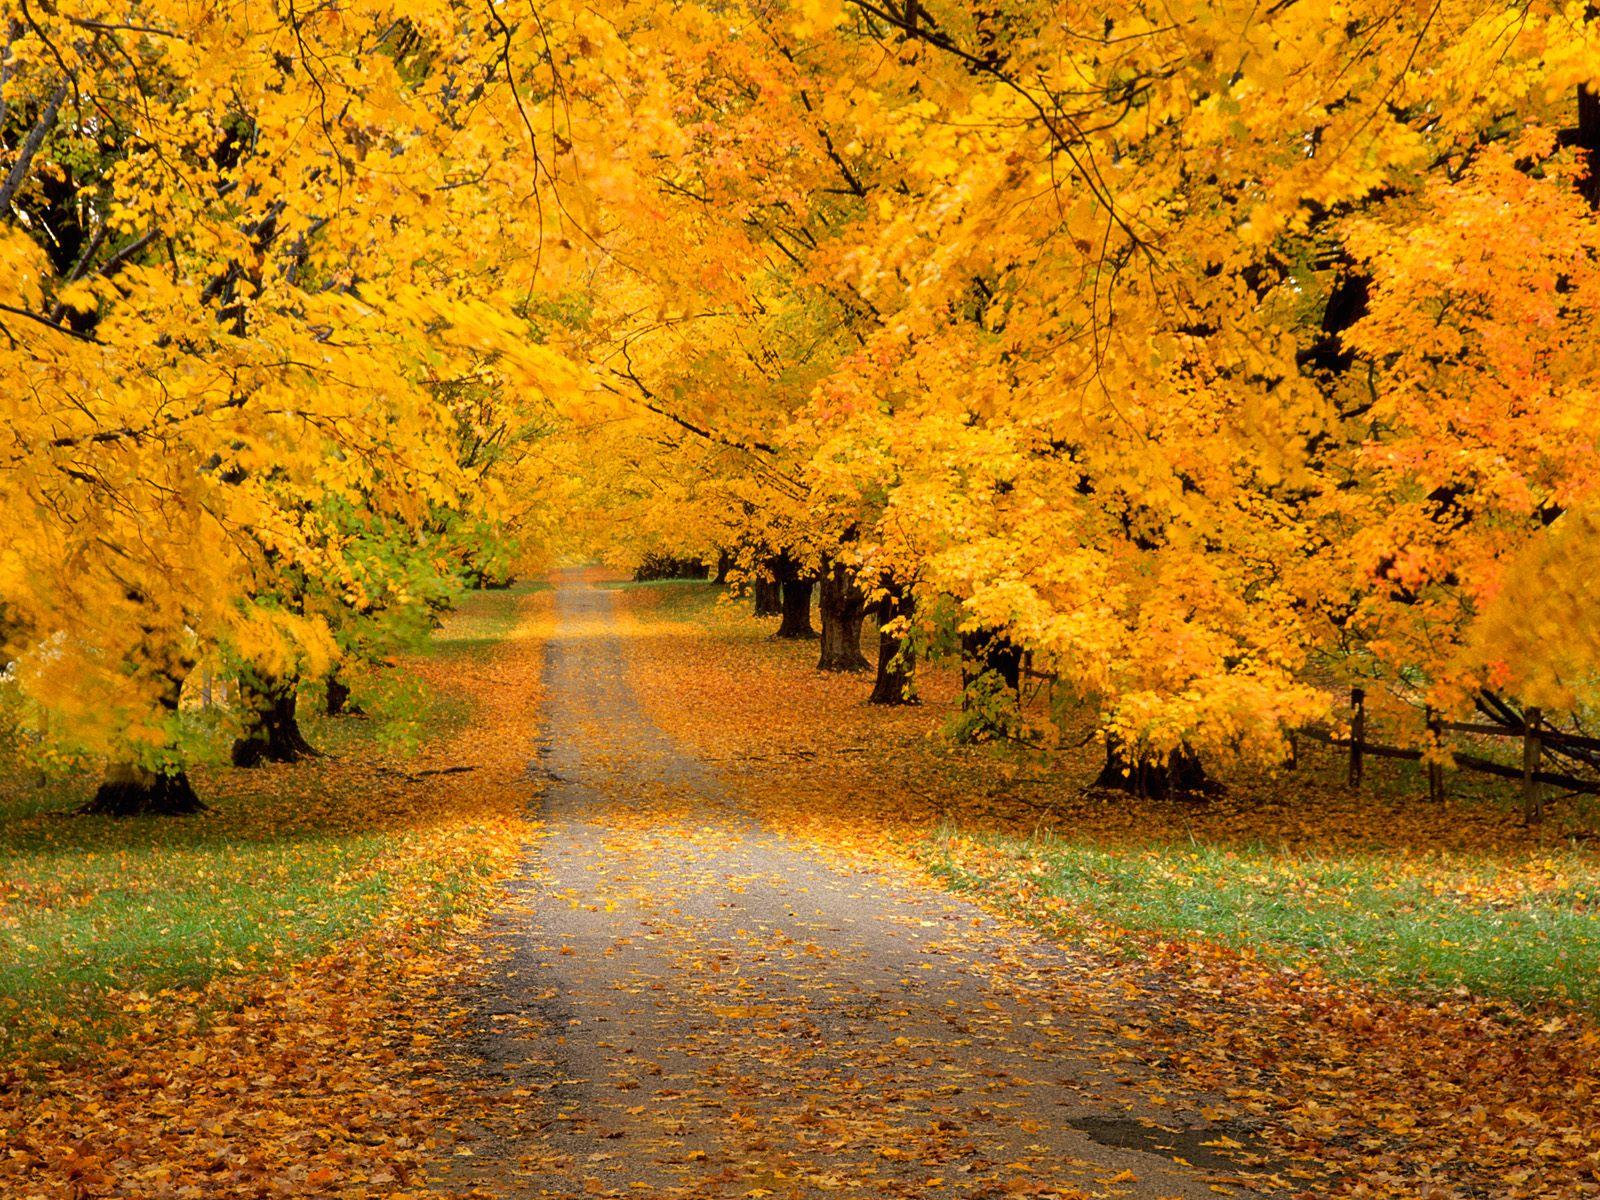 autumn wallpapers for desktop autumn wallpaper widescreen autumn 1600x1200